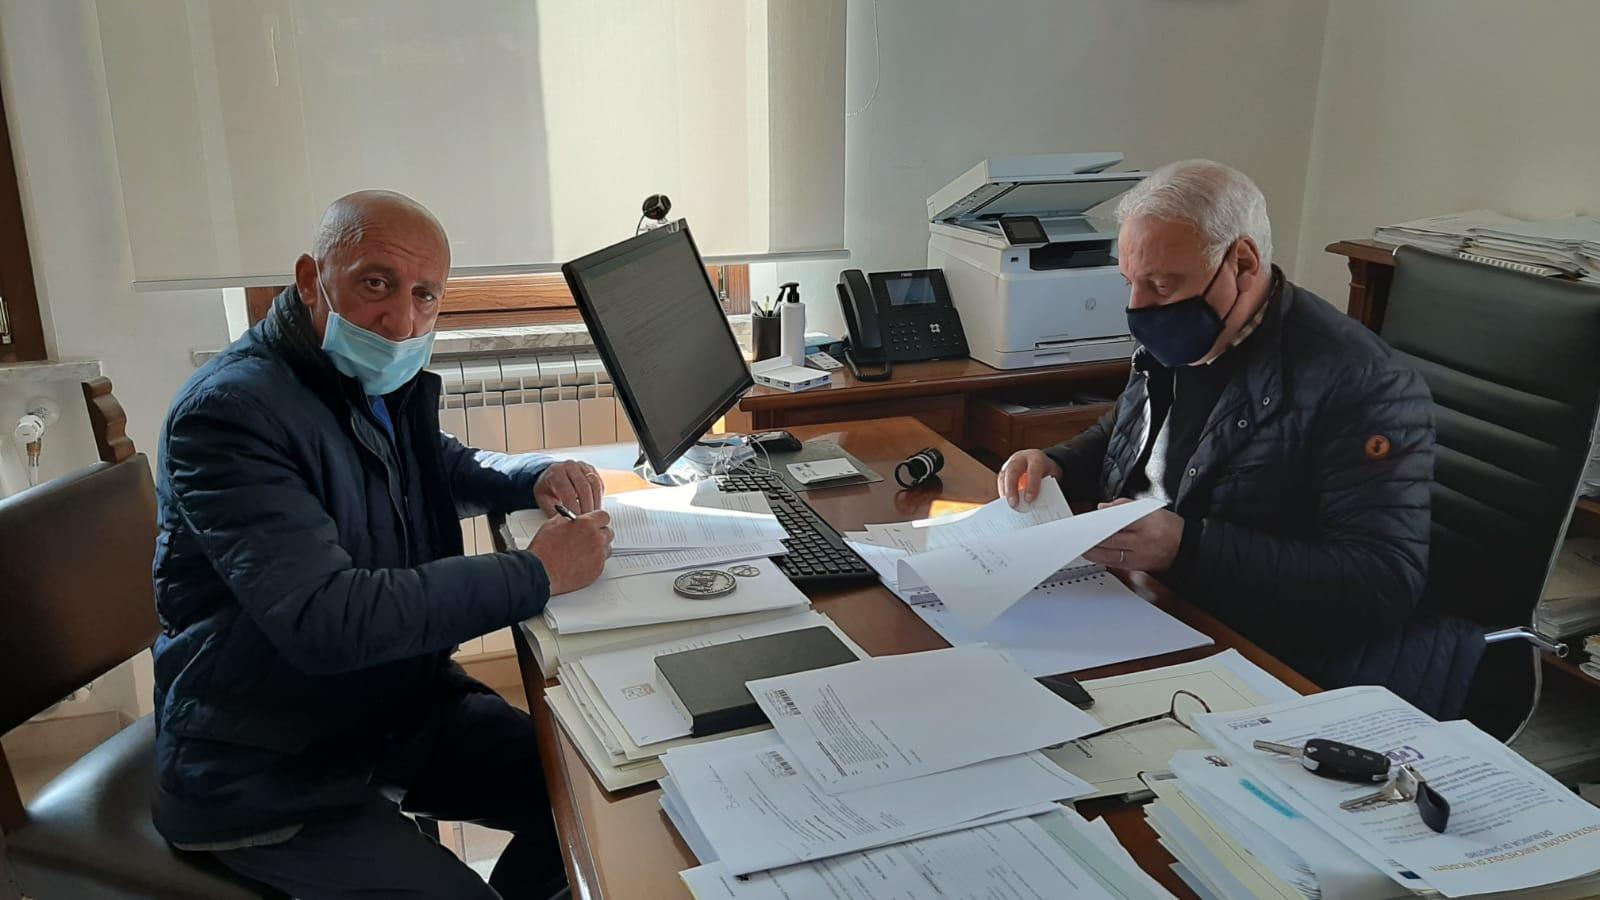 Capistrello, accordo tra Comune ed associazione carabinieri per vigilare in paese